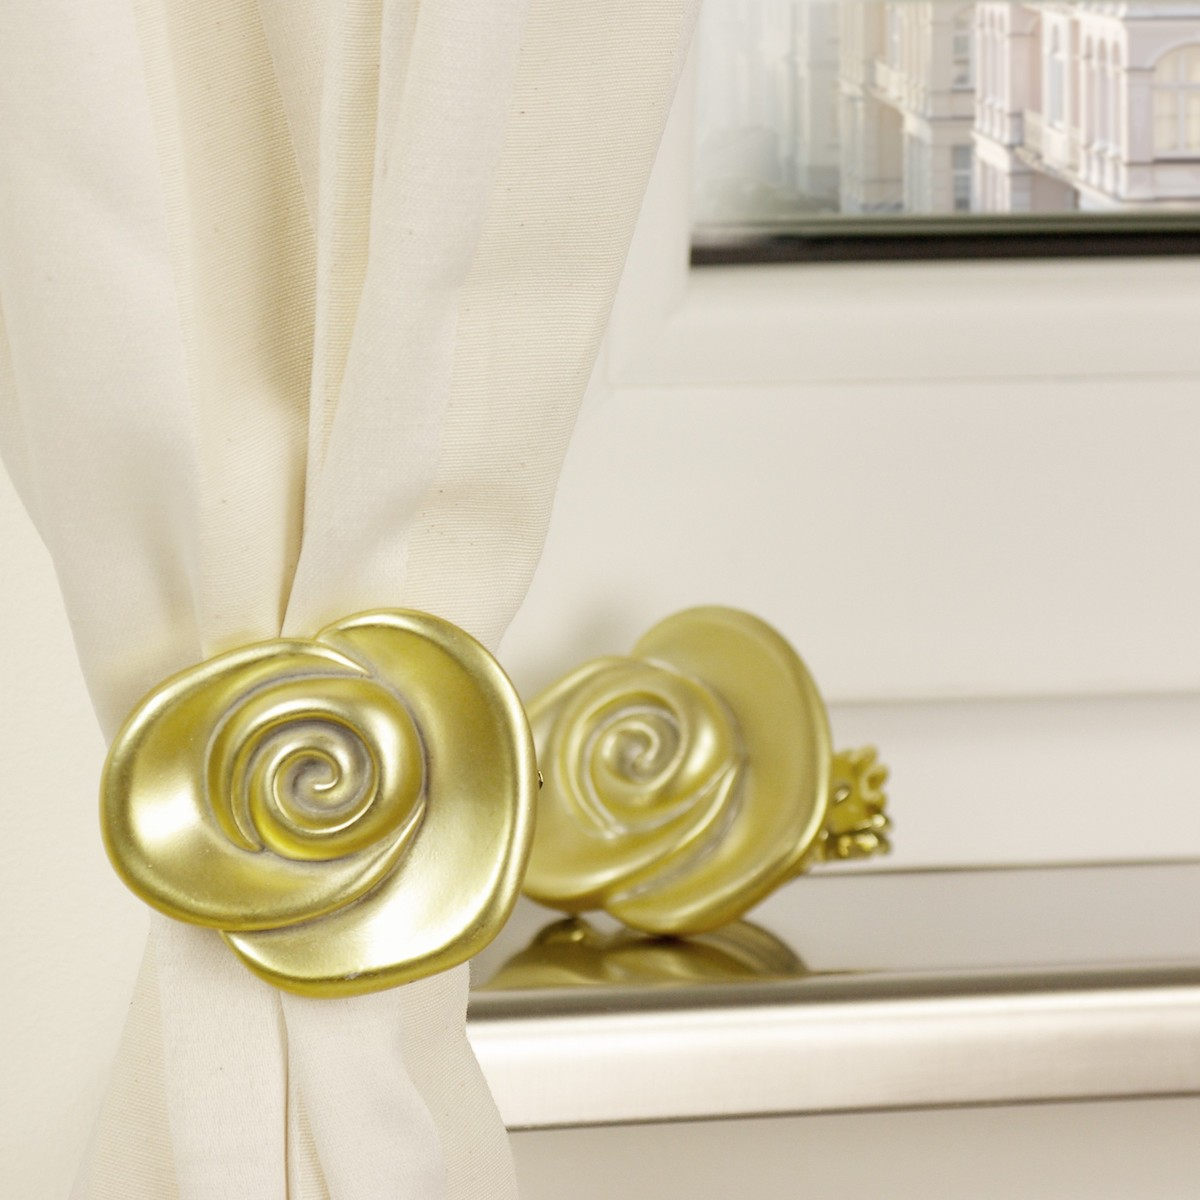 Bild 2 von Bella Casa Dekoklammer, Donauklammer, Dekoration Gardinenstangen Vorhänge, Rose vermessingt, 2 Stück